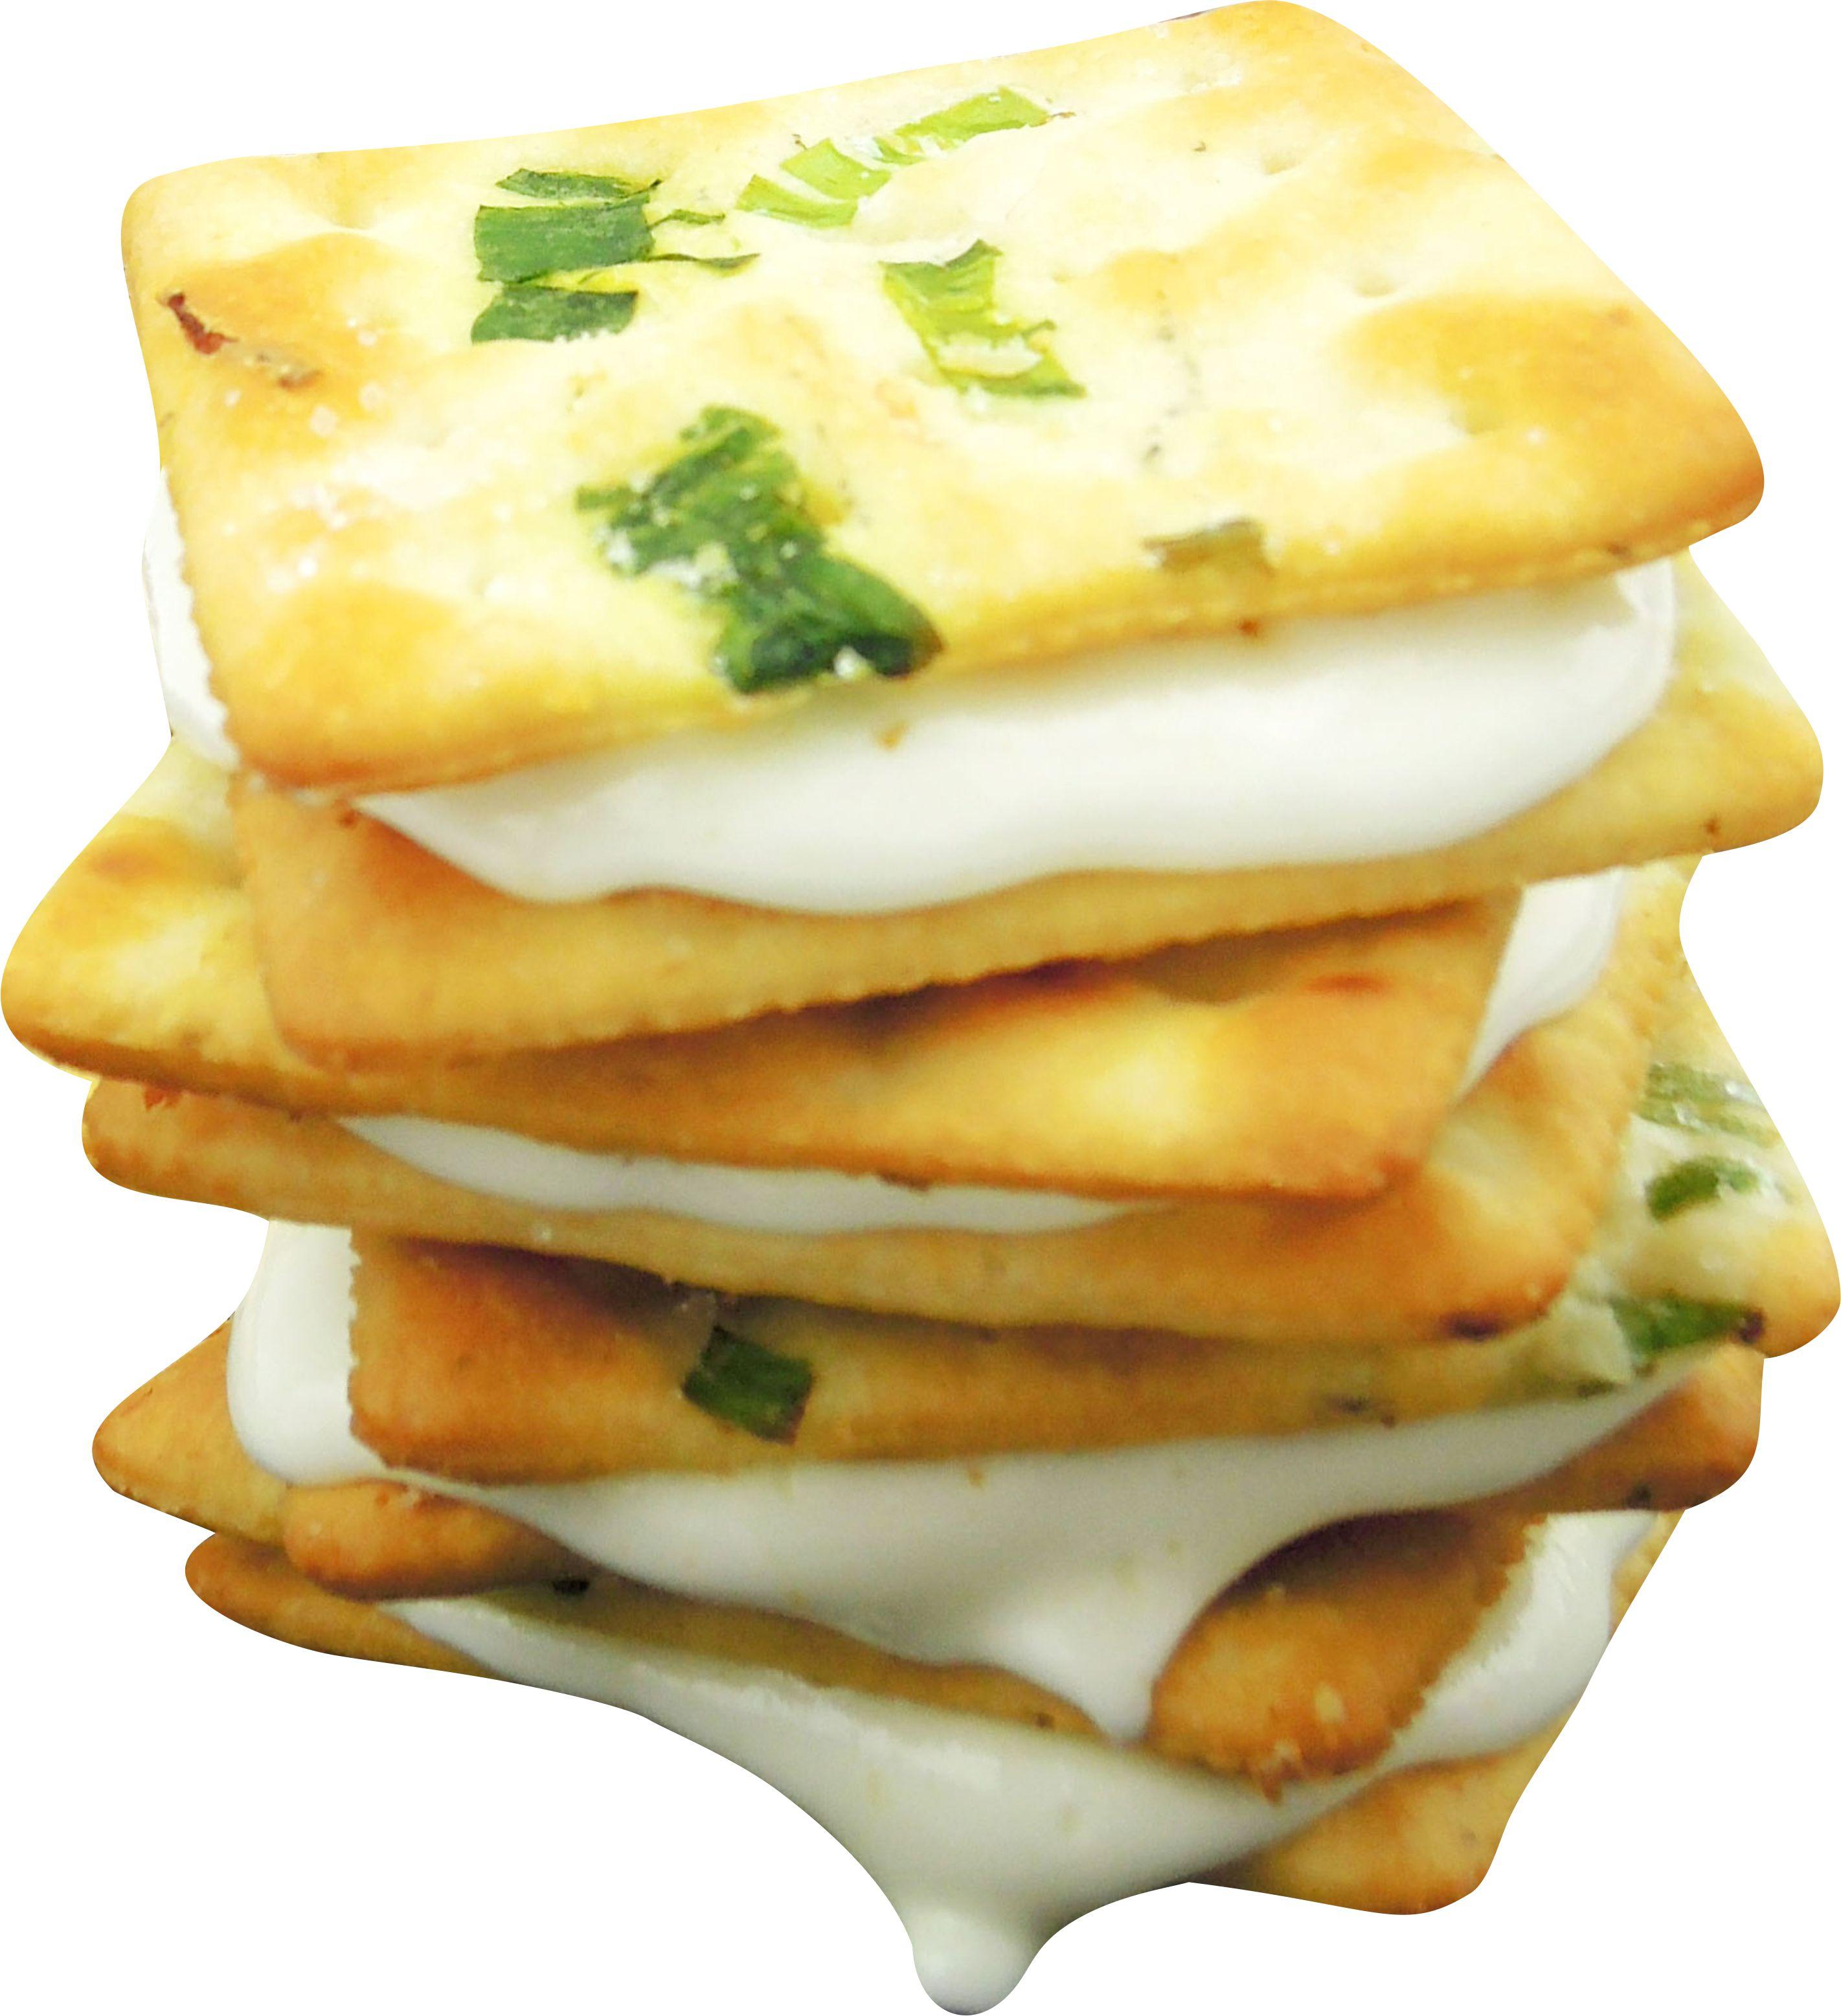 【牛軋本舖】好事成雙免運組合♥手工牛軋餅2盒+牛軋小圓餅2盒 1